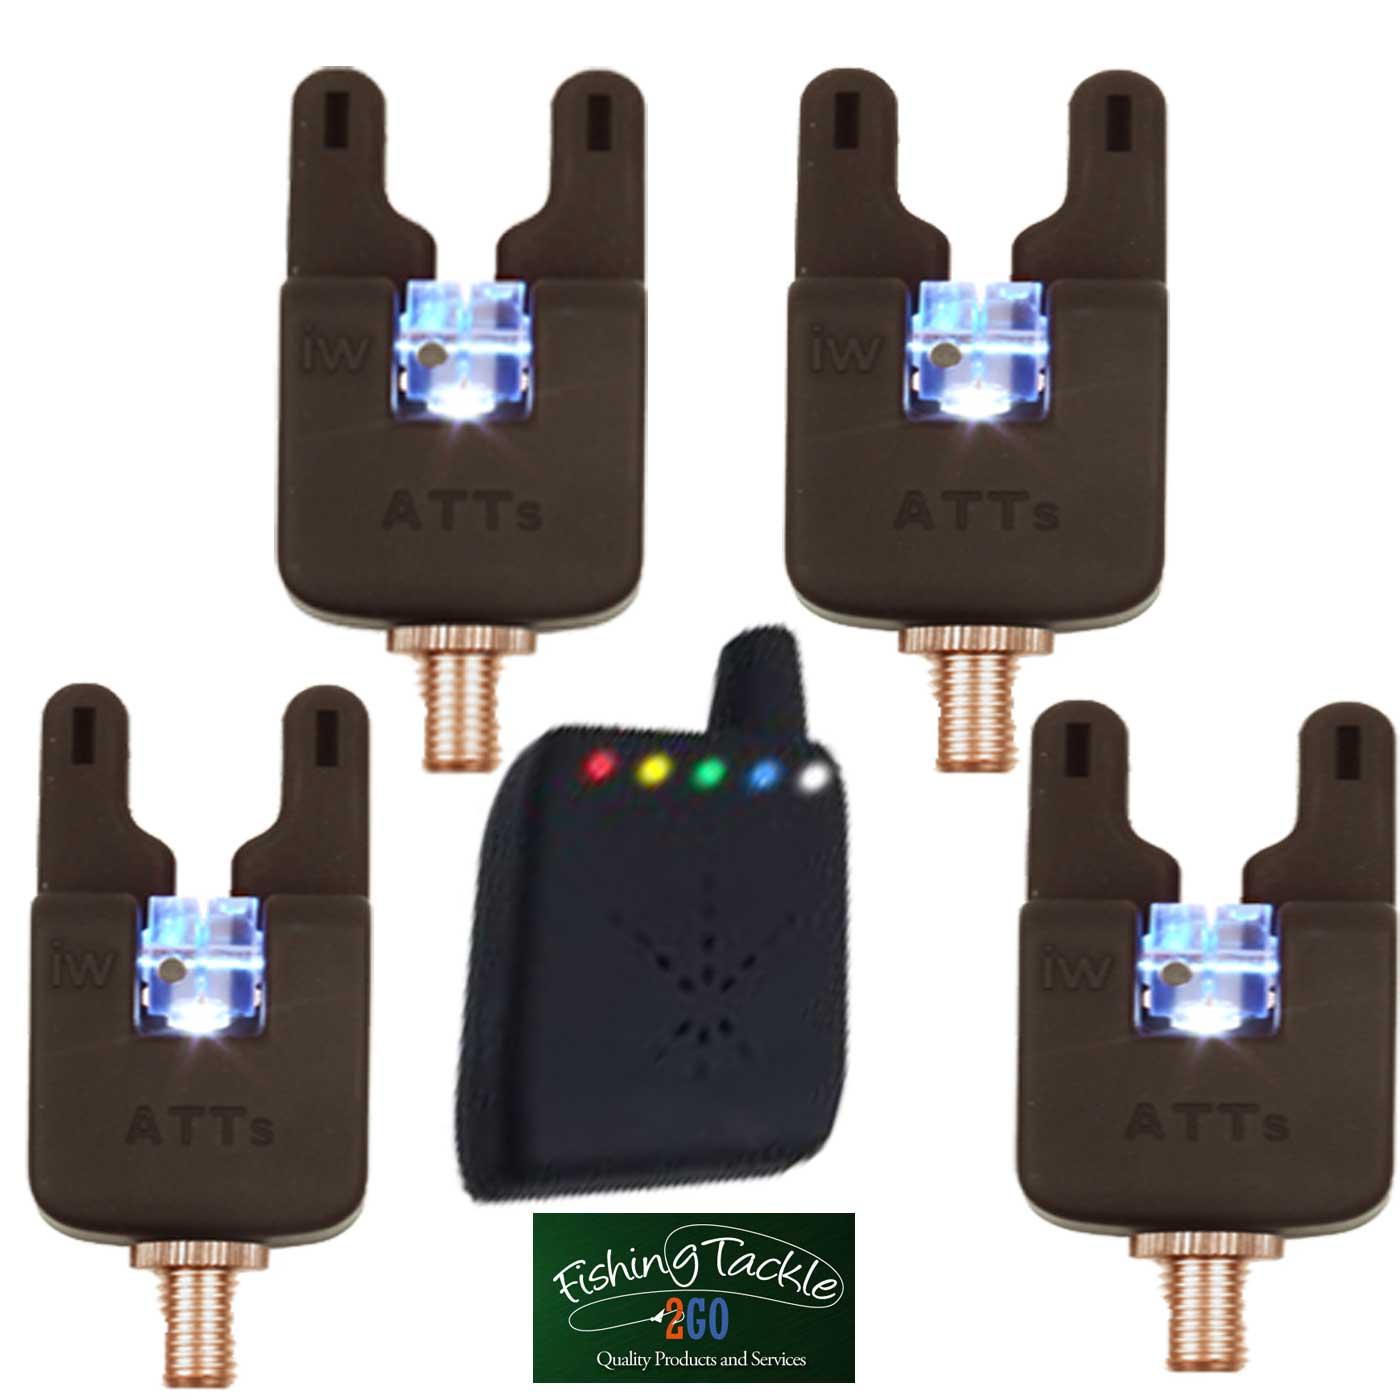 Gardner V2 ATTx ATTs Extra Transmitters Carp Coarse Fishing Receiver System